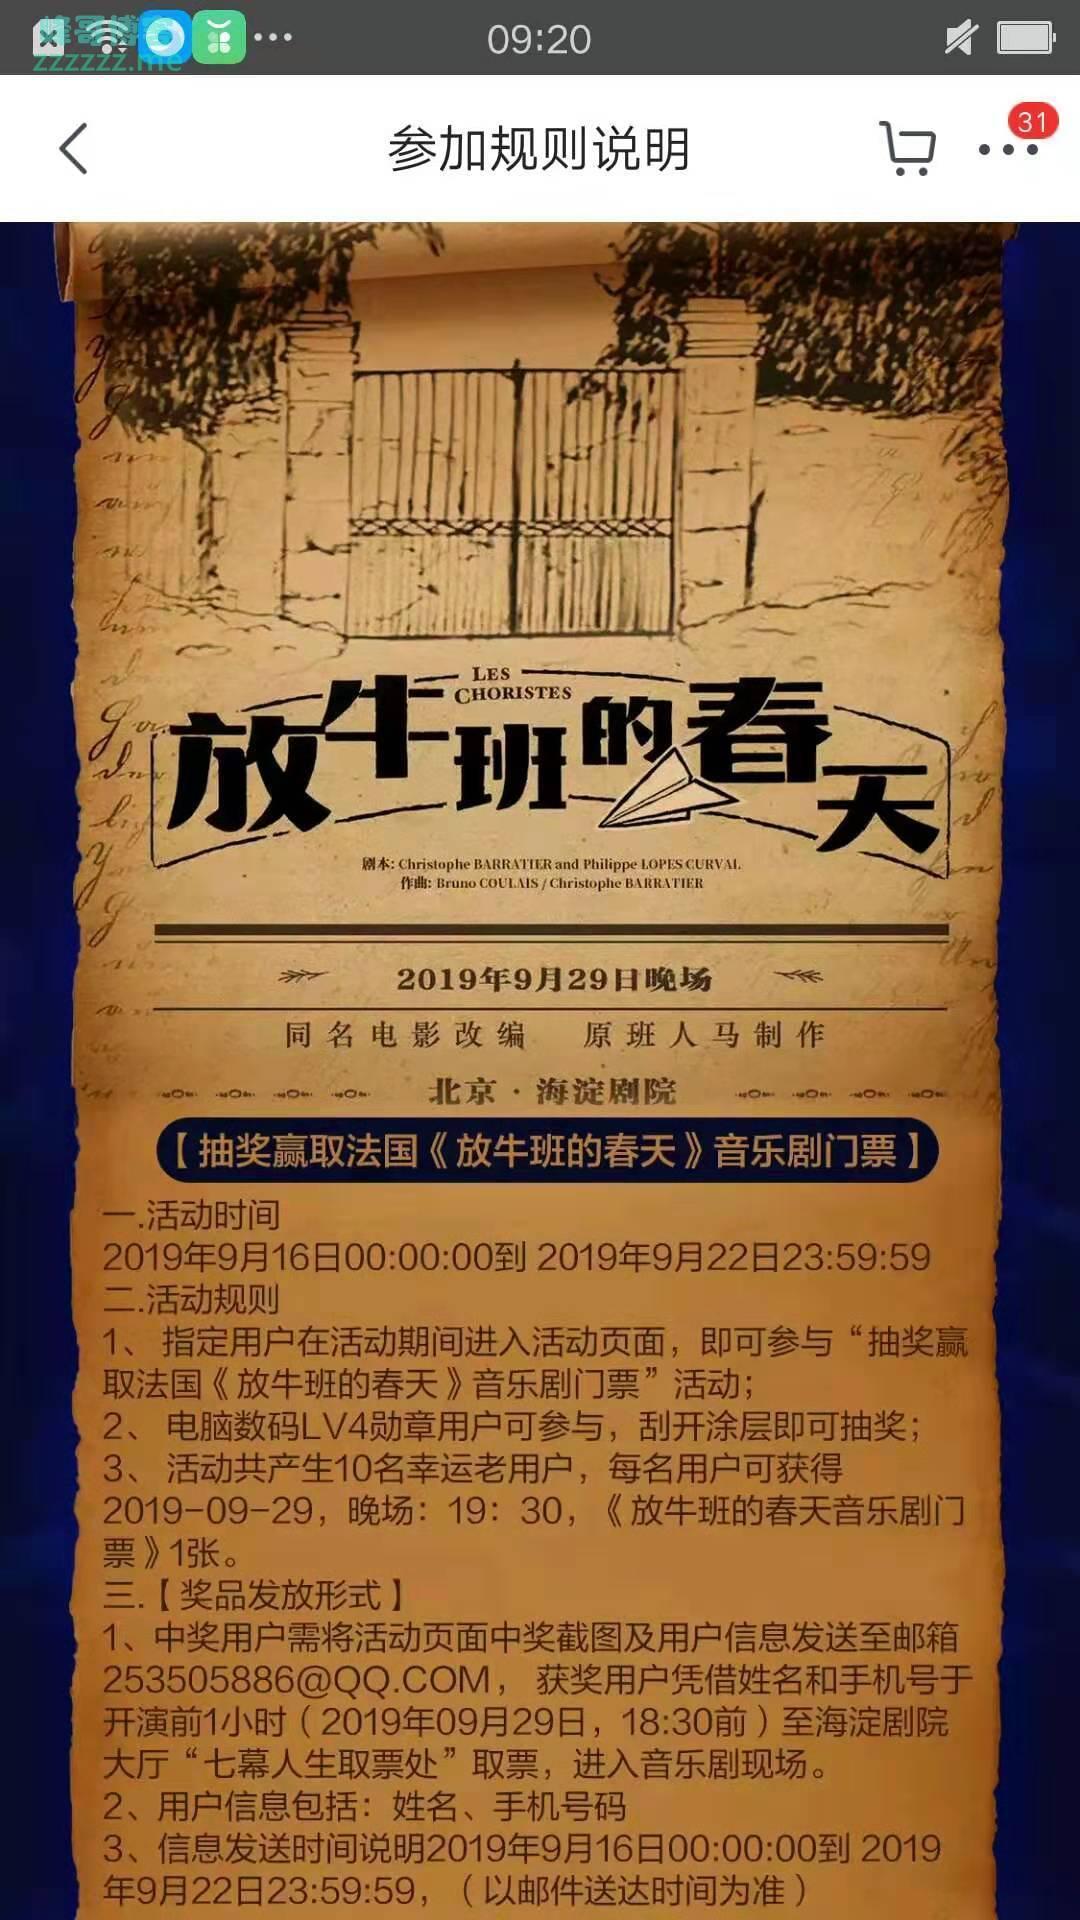 京东抽奖赢放牛班的春天音乐剧门票(截止9月22日)